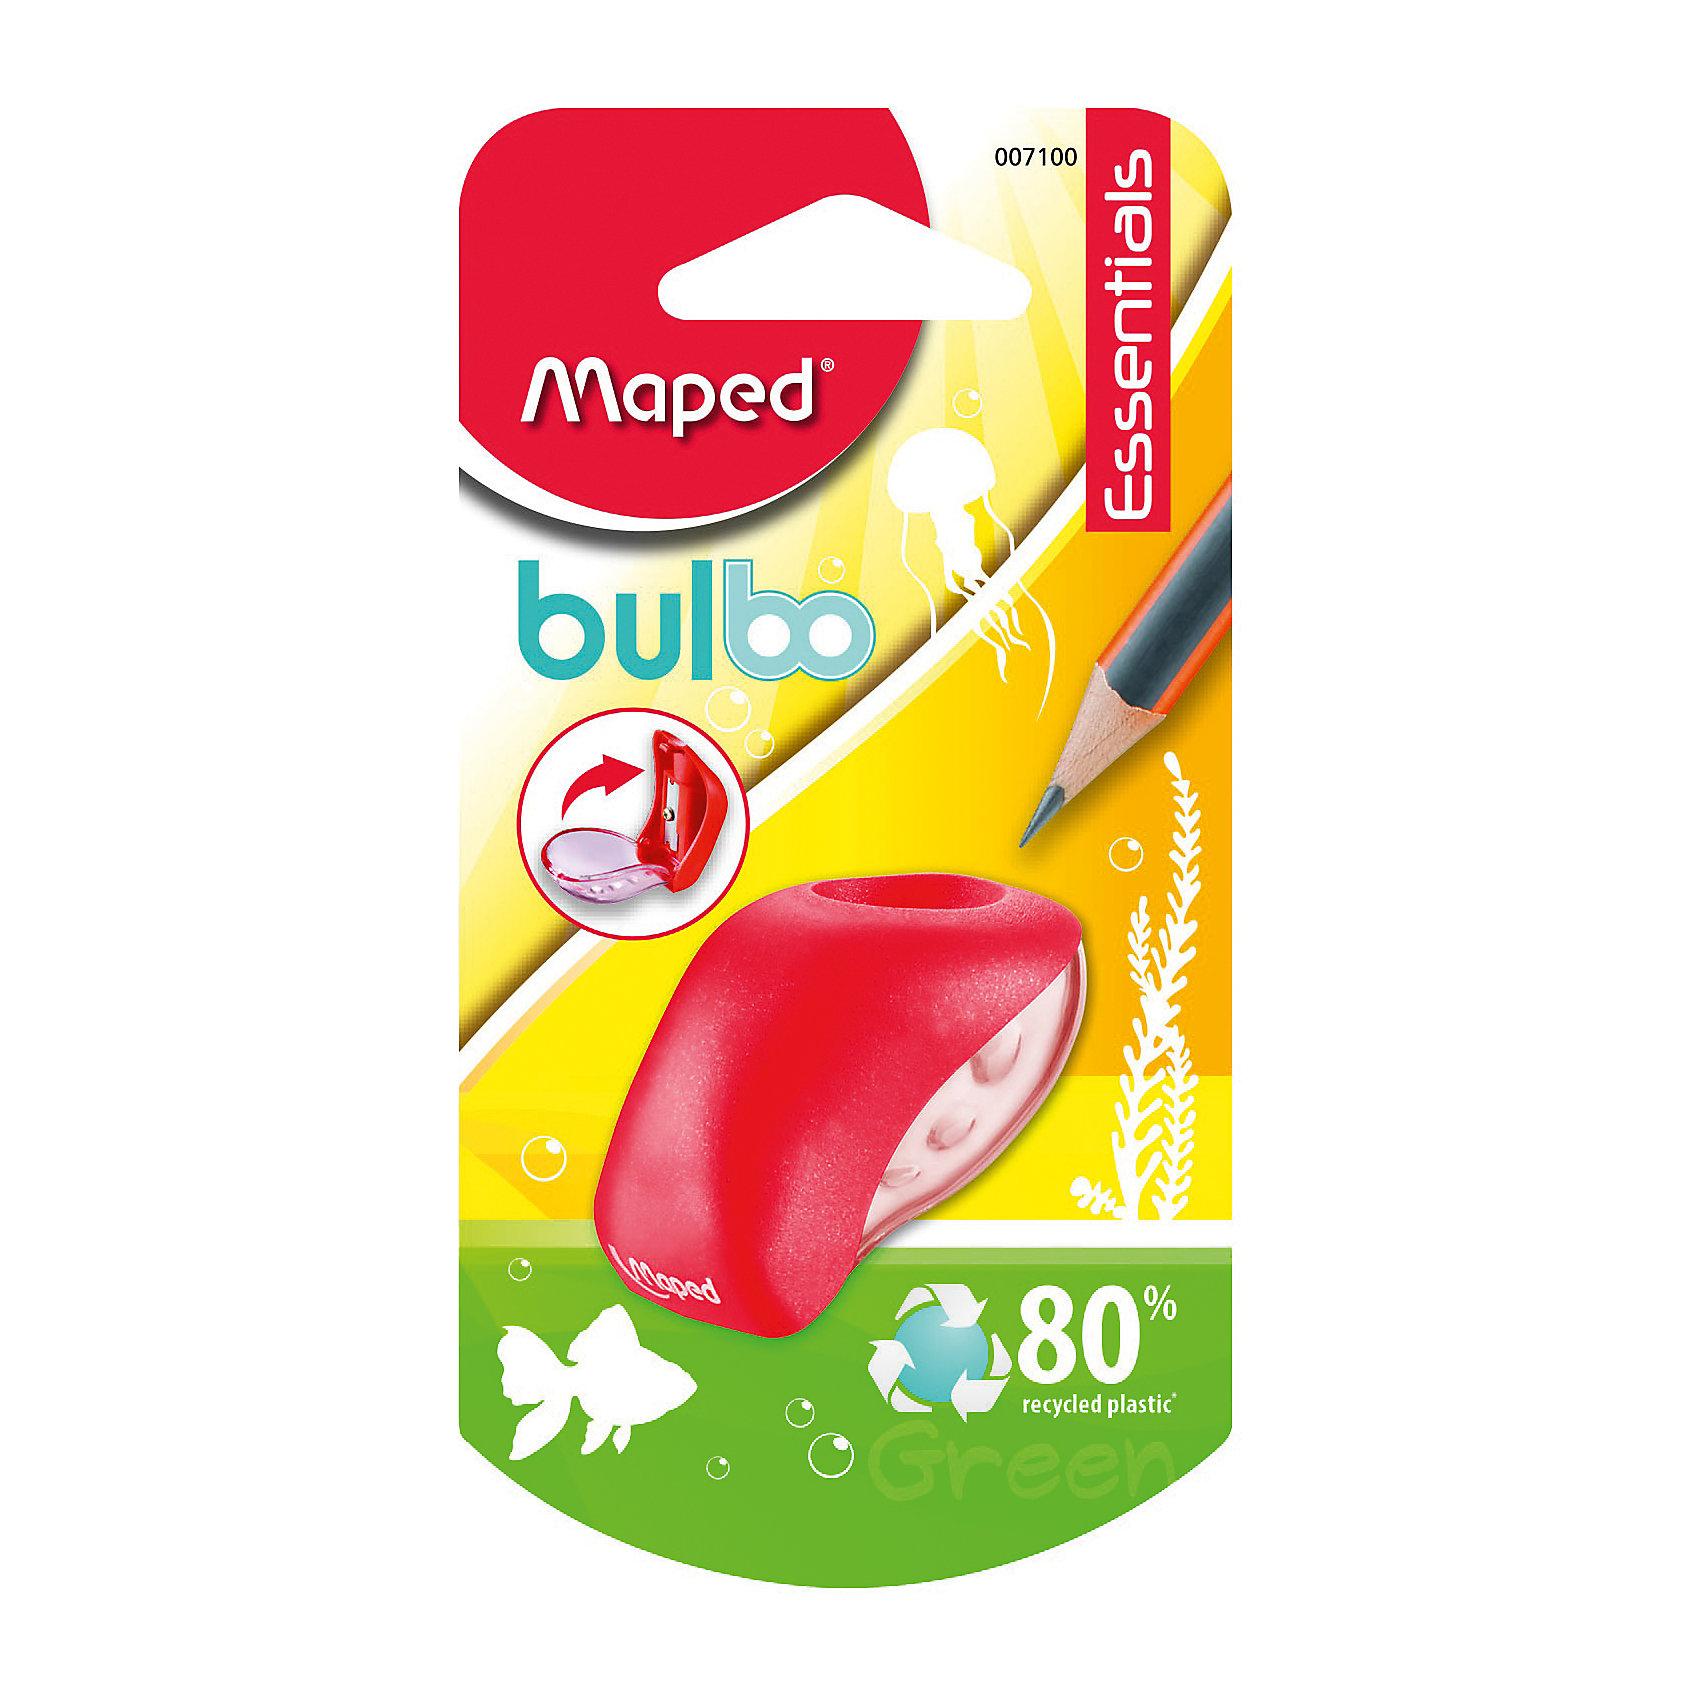 Точилка Maped Buldo, пластиковая 1 отверстиеПисьменные принадлежности<br>Характеристики:<br><br>• возраст: от 3 лет<br>• количество отверстий: 1<br>• материал корпуса: пластик<br>• материал лезвия: металл<br>• размер: 5x3 см.<br><br>Точилка «Bulbo» с одним отверстием предназначена для заточки карандашей стандартного размера. Острое стальное лезвие обеспечивает высококачественную и точную заточку. Карандаш затачивается легко и аккуратно, а опилки после заточки остаются в прозрачном контейнере для сбора стружки. Корпус точилки изготовлен из ударопрочного пластика.<br><br>MAPED Точилку пластиковую с 1 диаметром Bulbo можно купить в нашем интернет-магазине.<br><br>Ширина мм: 30<br>Глубина мм: 65<br>Высота мм: 125<br>Вес г: 8<br>Возраст от месяцев: 36<br>Возраст до месяцев: 2147483647<br>Пол: Унисекс<br>Возраст: Детский<br>SKU: 7065328